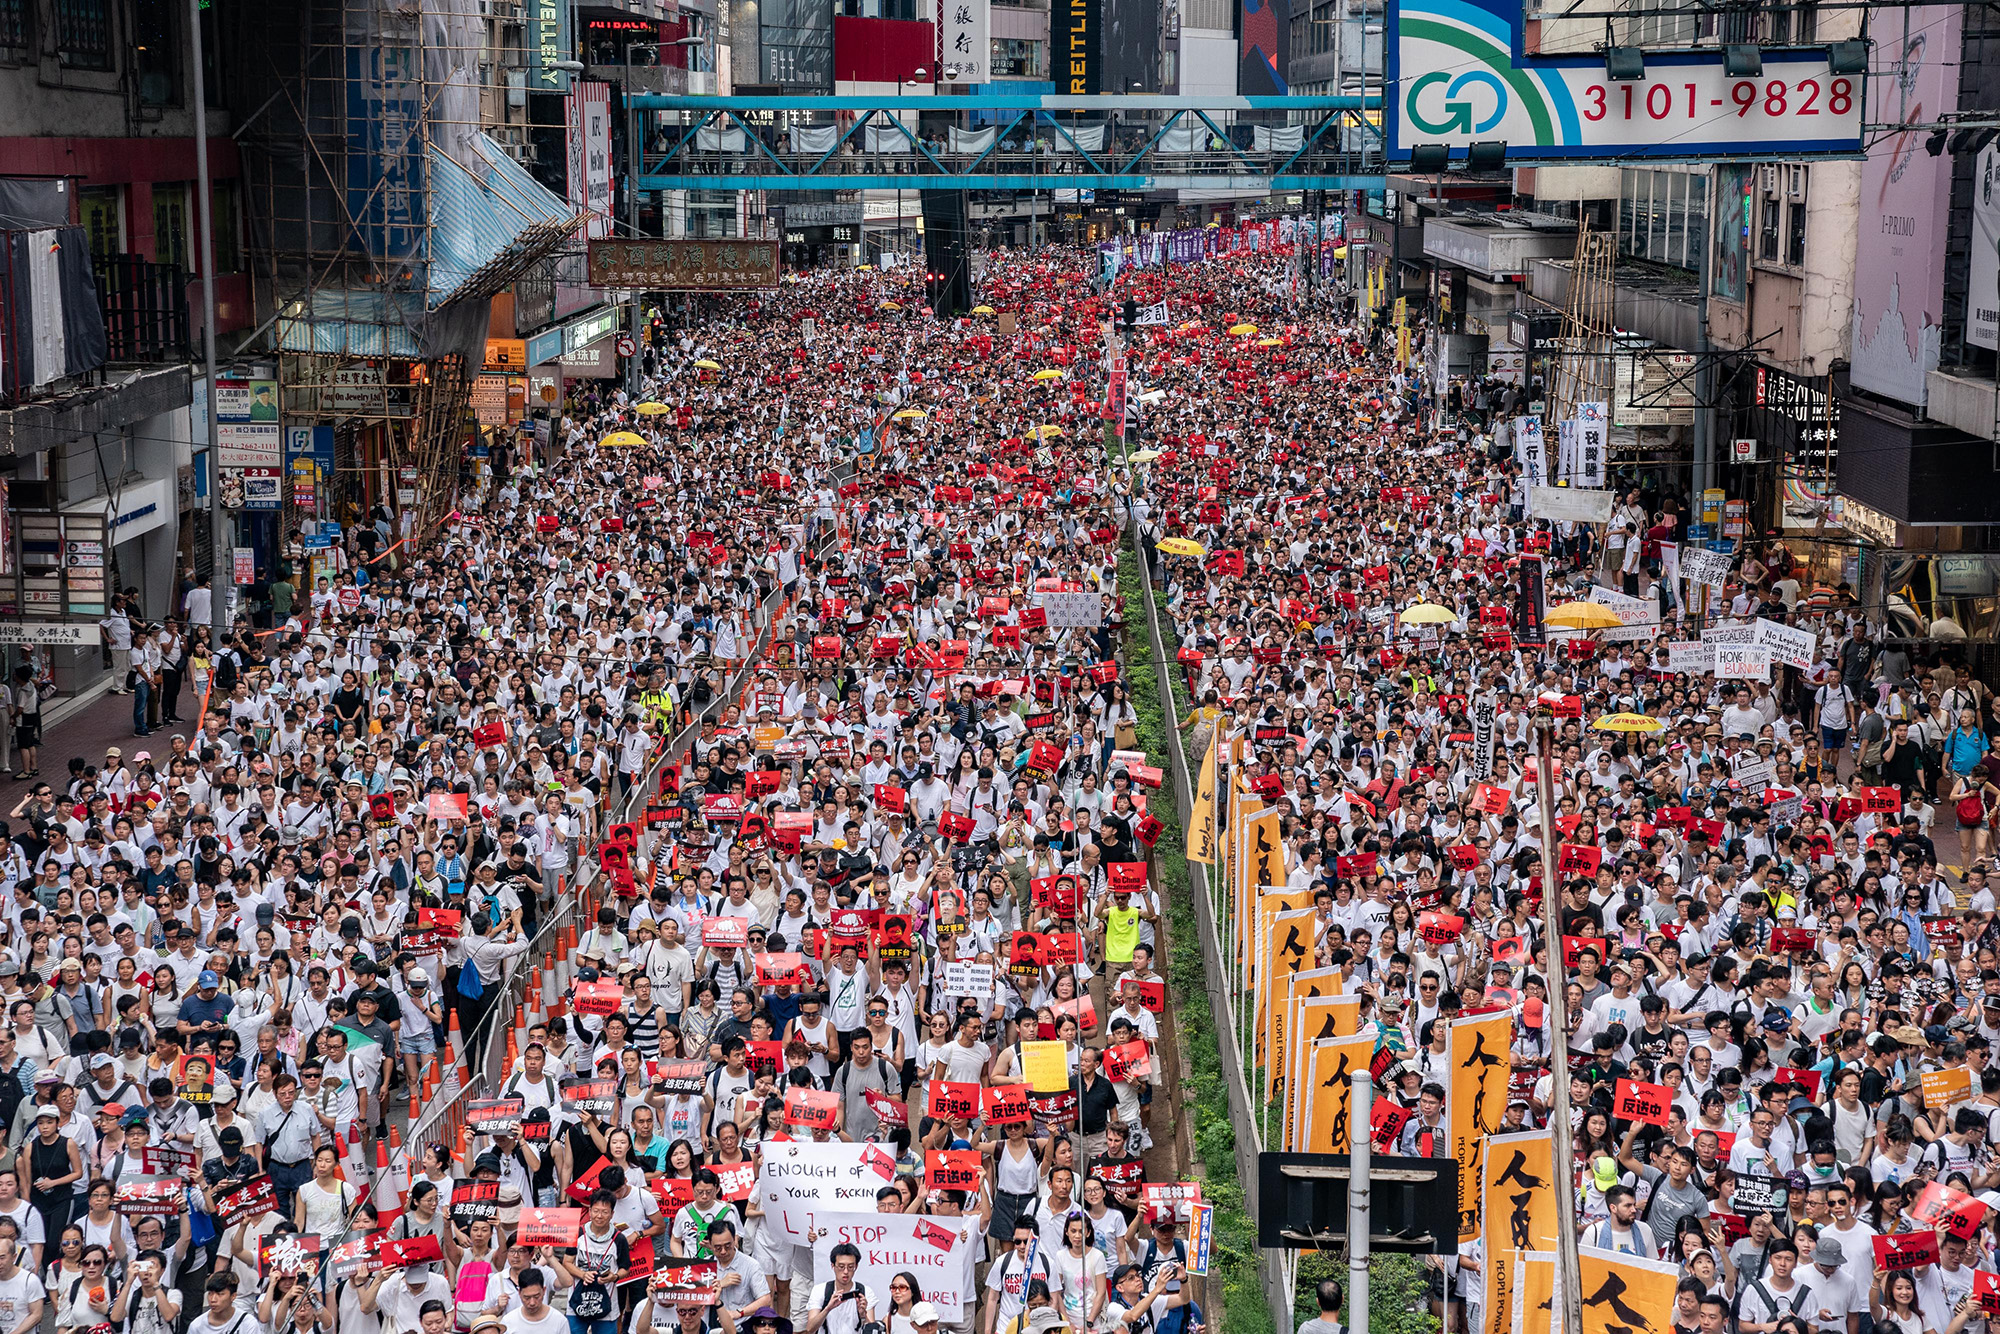 ¿Por qué hay protestas en Hong Kong?